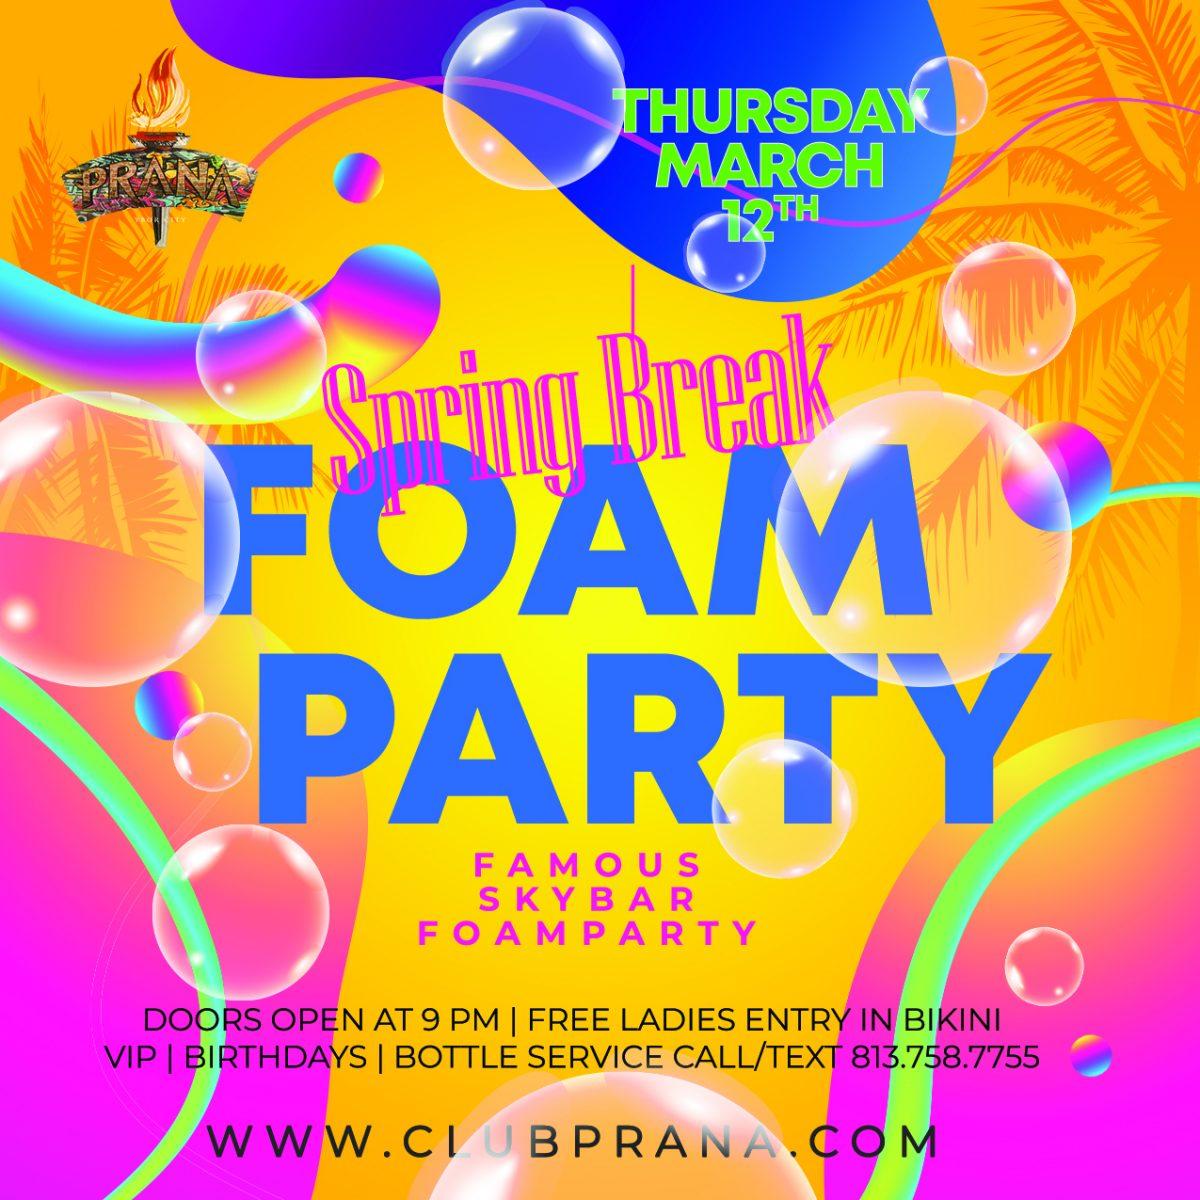 Spring Break: Foam Party